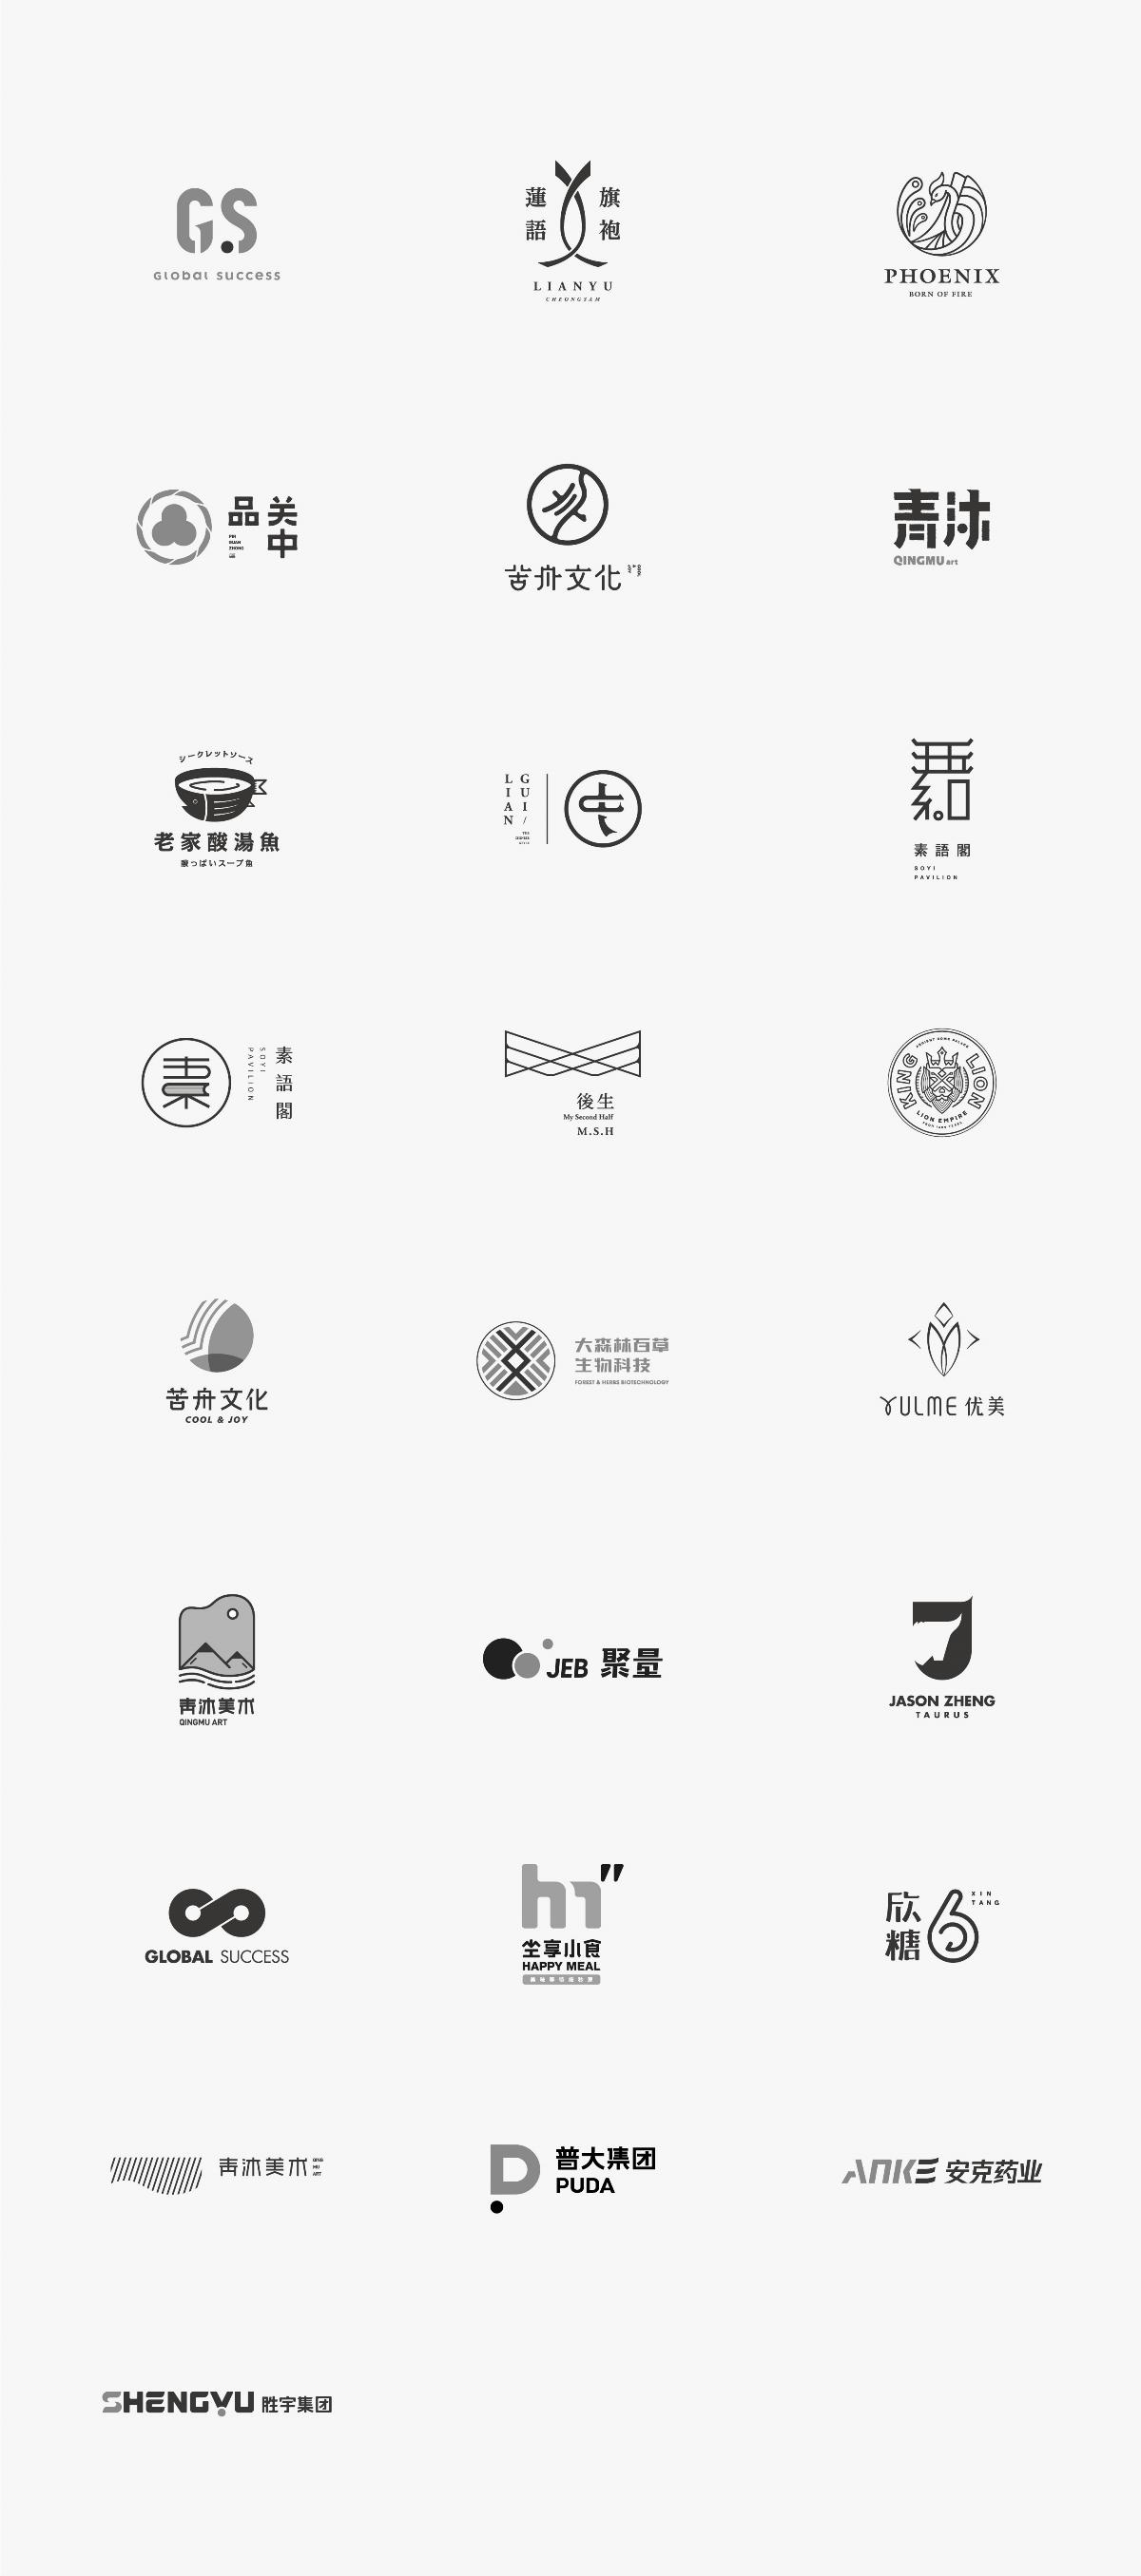 字宇丨标志设计总结-贰